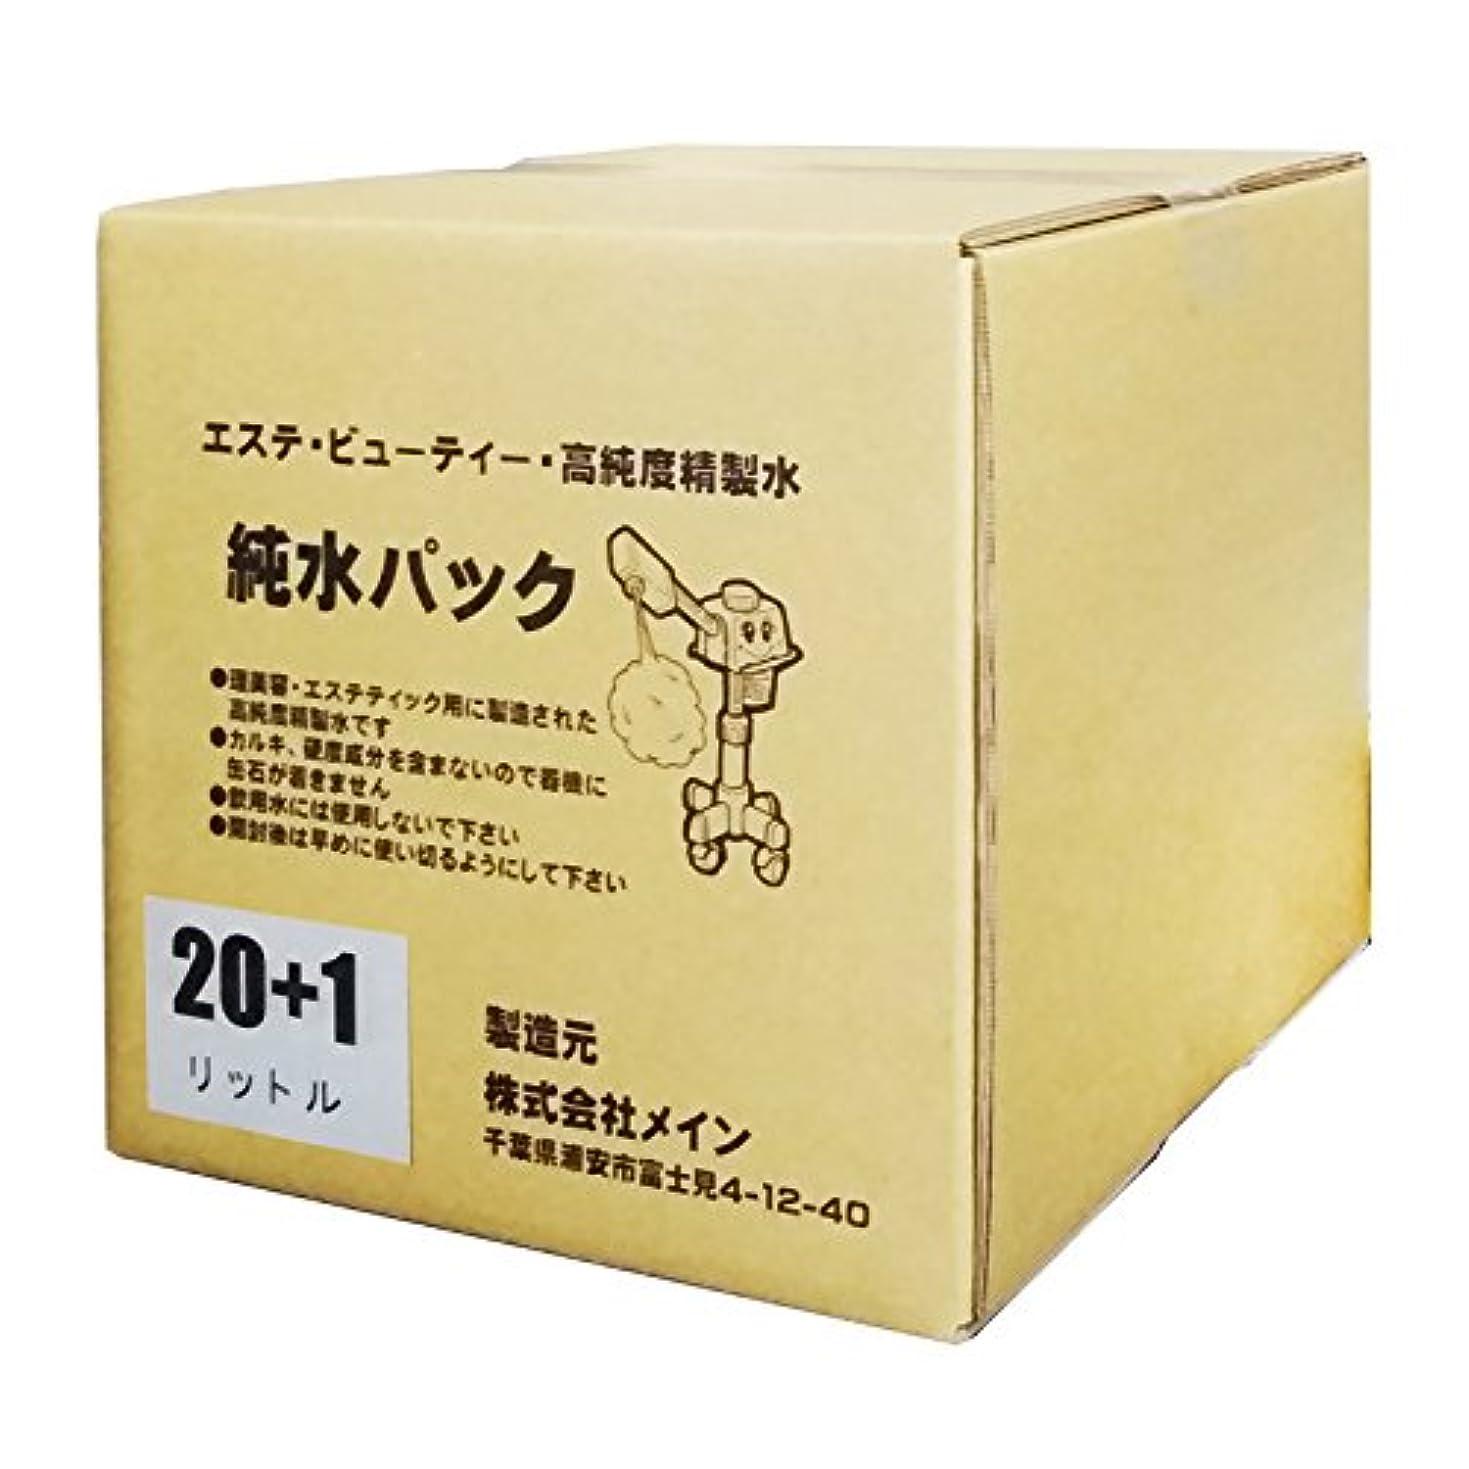 許容できる傾向許容できる増量中 21L 高純度 精製水 20 L + 1L 純水パック コック付 日本製 エステ スチーマー (1個) オートクレーブ 滅菌器